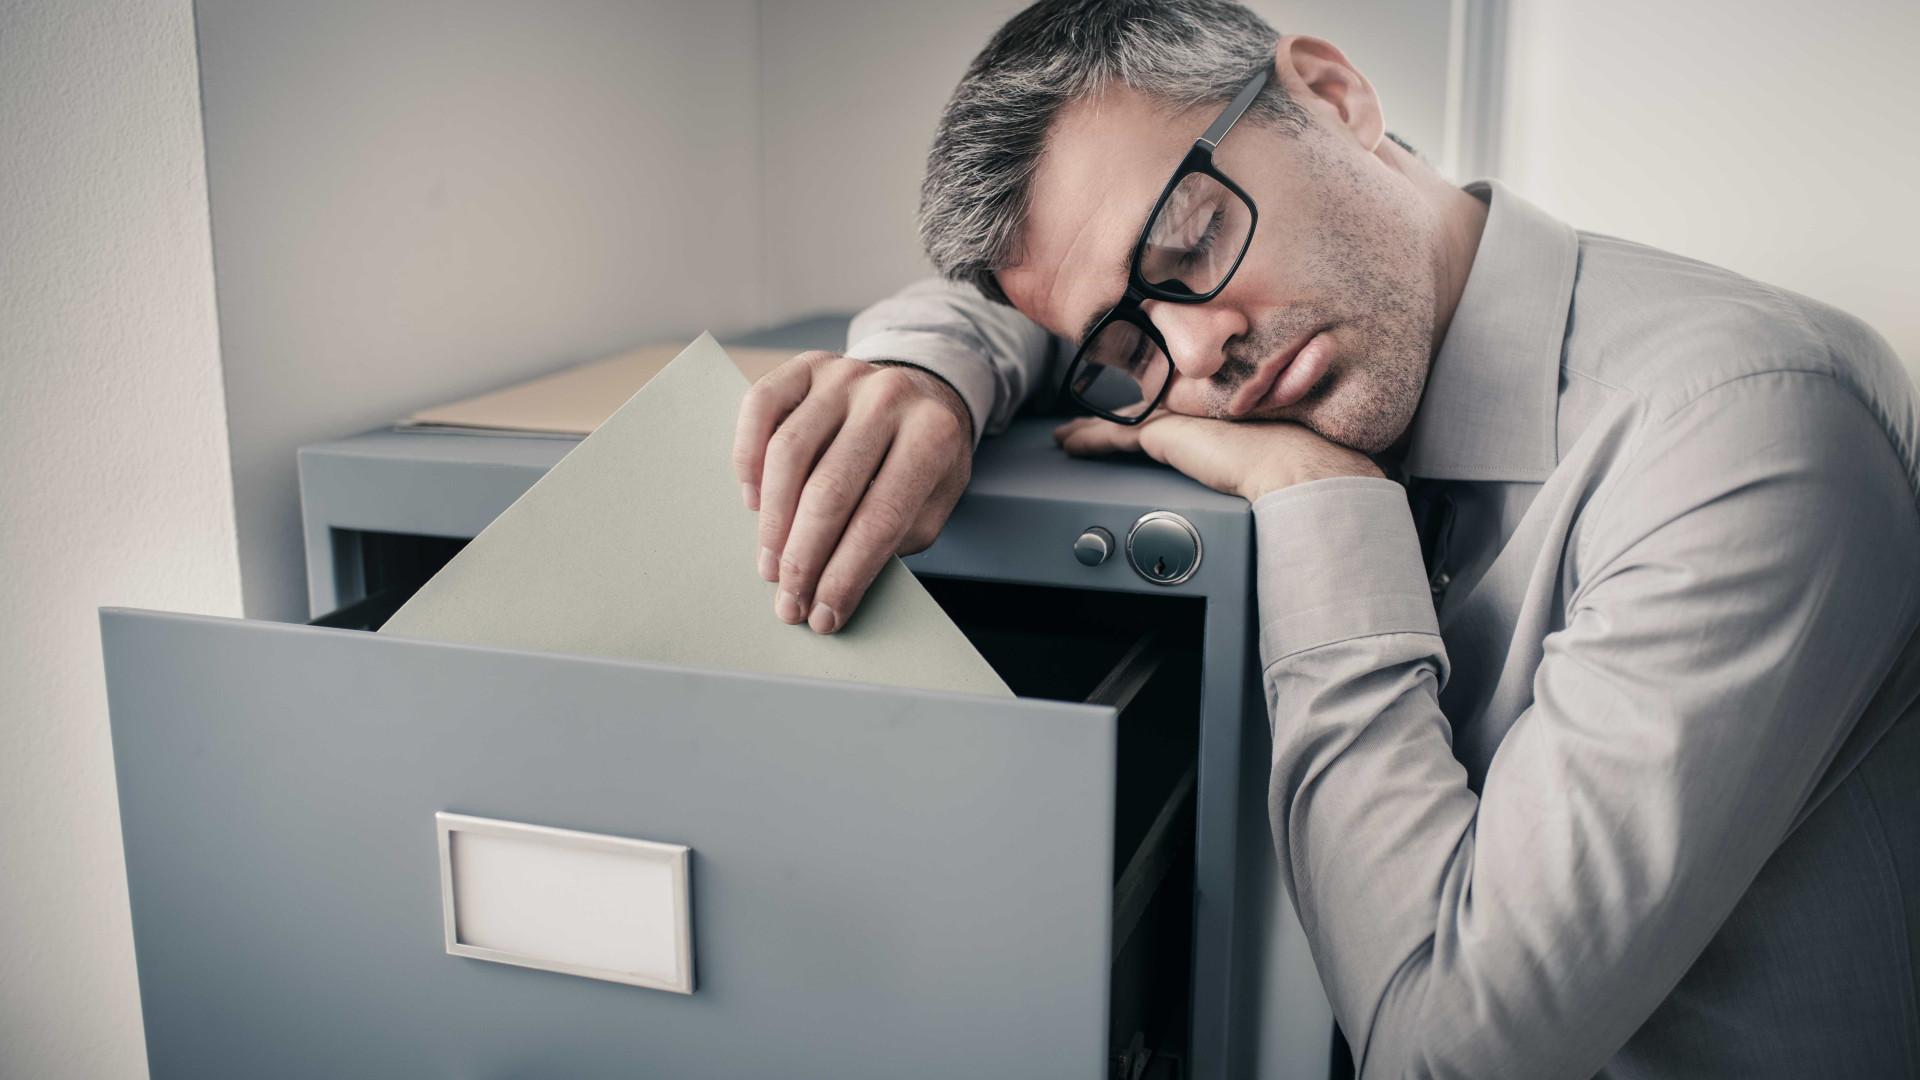 Ressaca do sono? Saiba o que é e como afeta o corpo